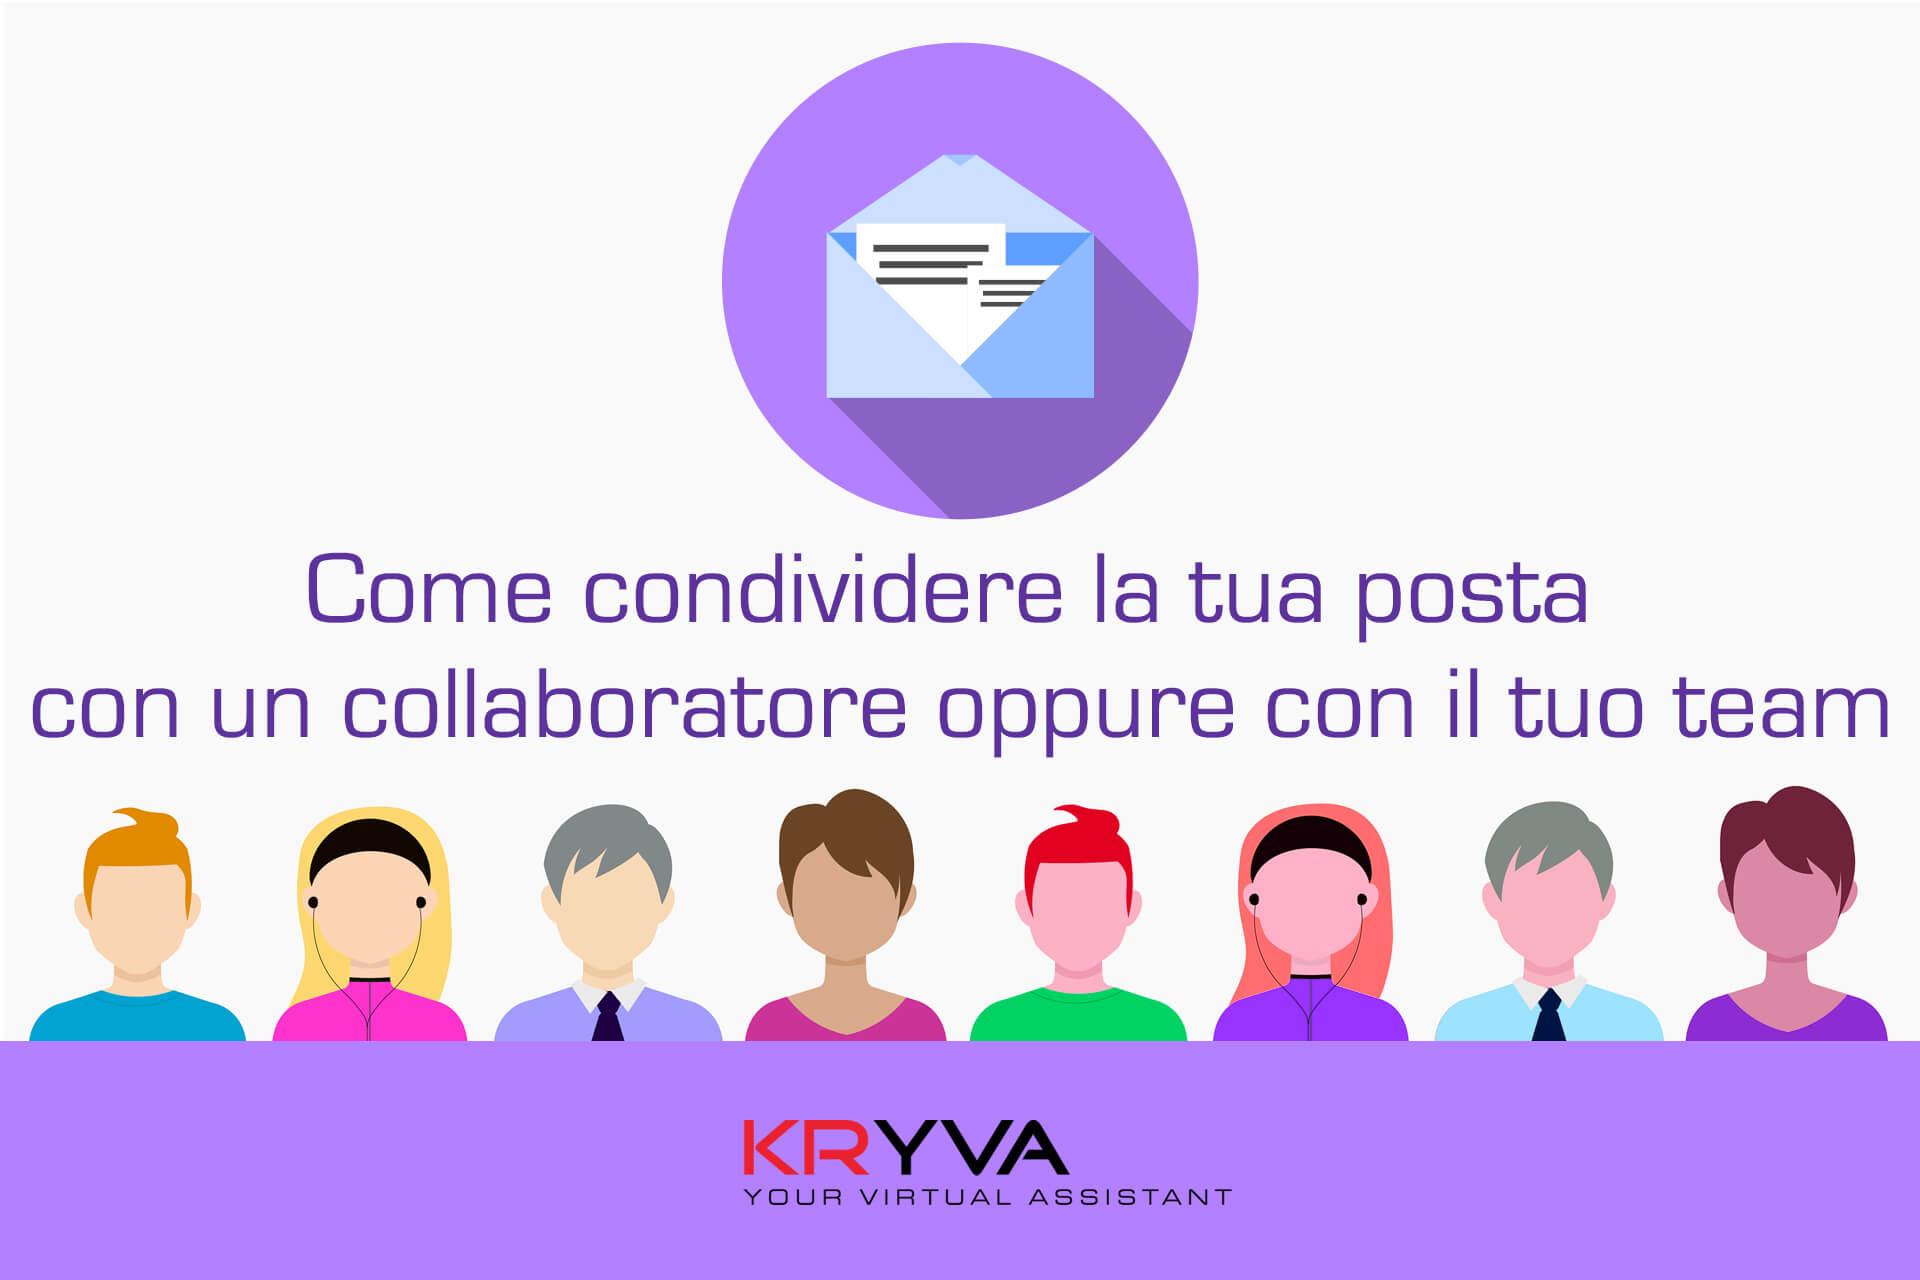 Condividere la posta con un collaboratore oppure con il team